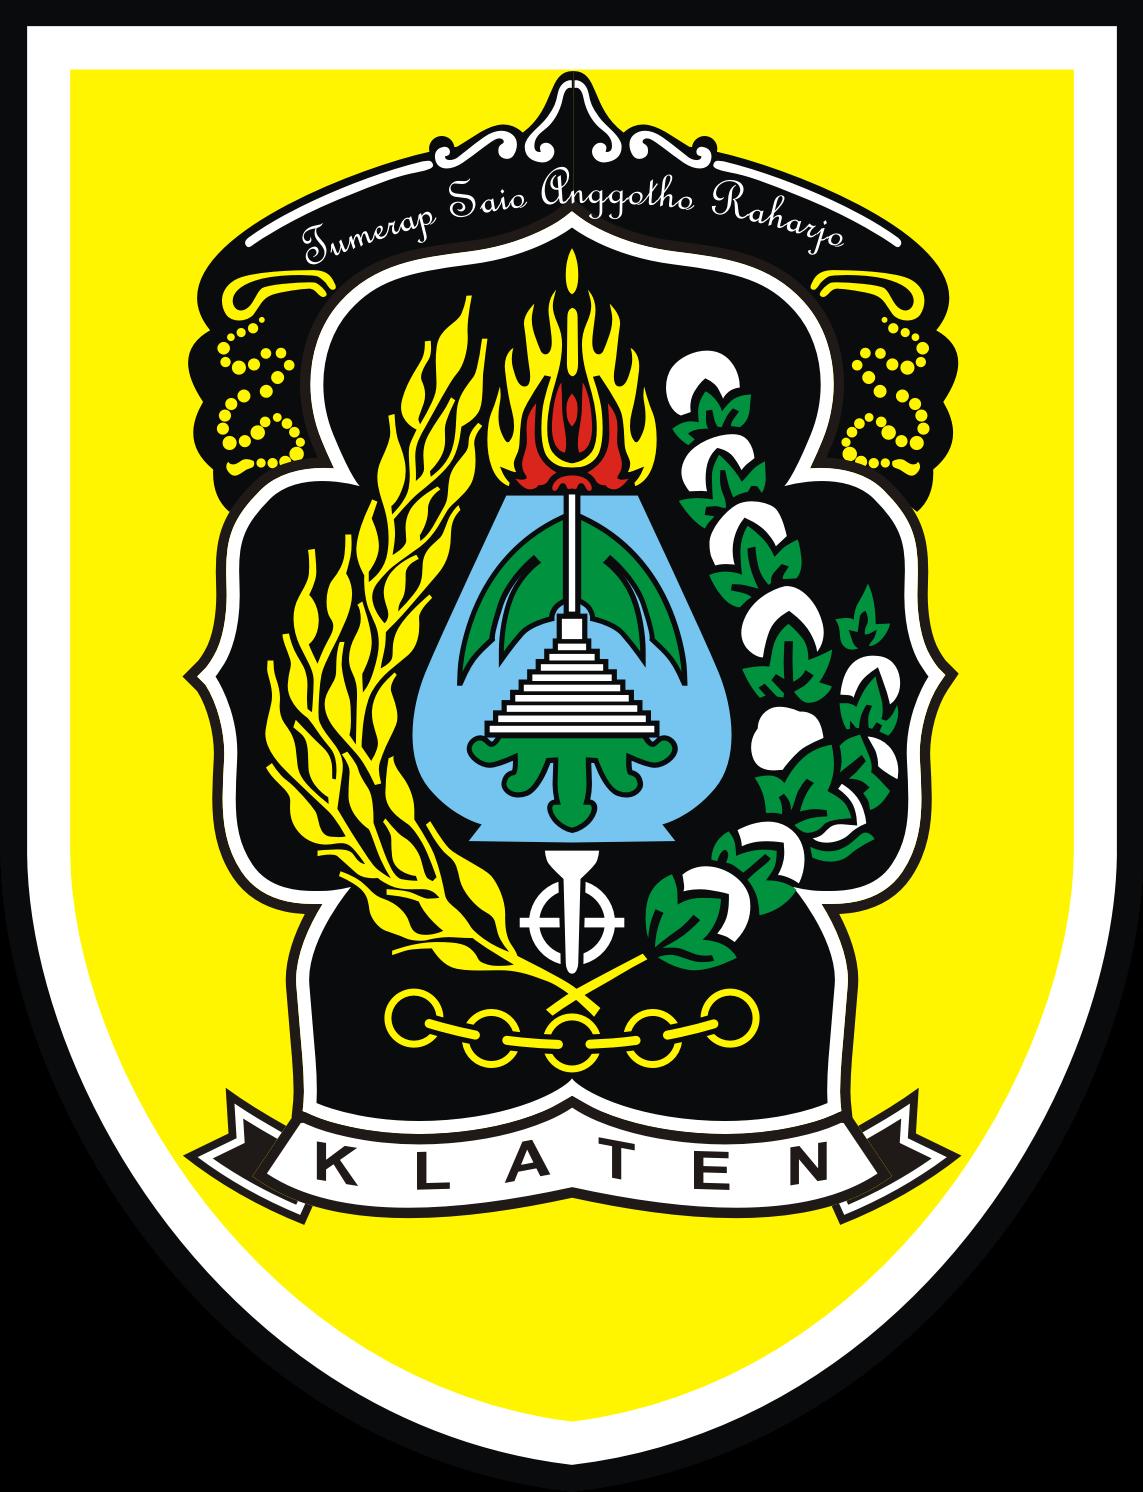 Lowongan Cpns 2013 Banyumas Info Lowongan Cpns 2016 Terbaru Honorer K2 Terbaru Agustus Download Image Logo Kabupaten Klaten Pc Android Iphone And Ipad